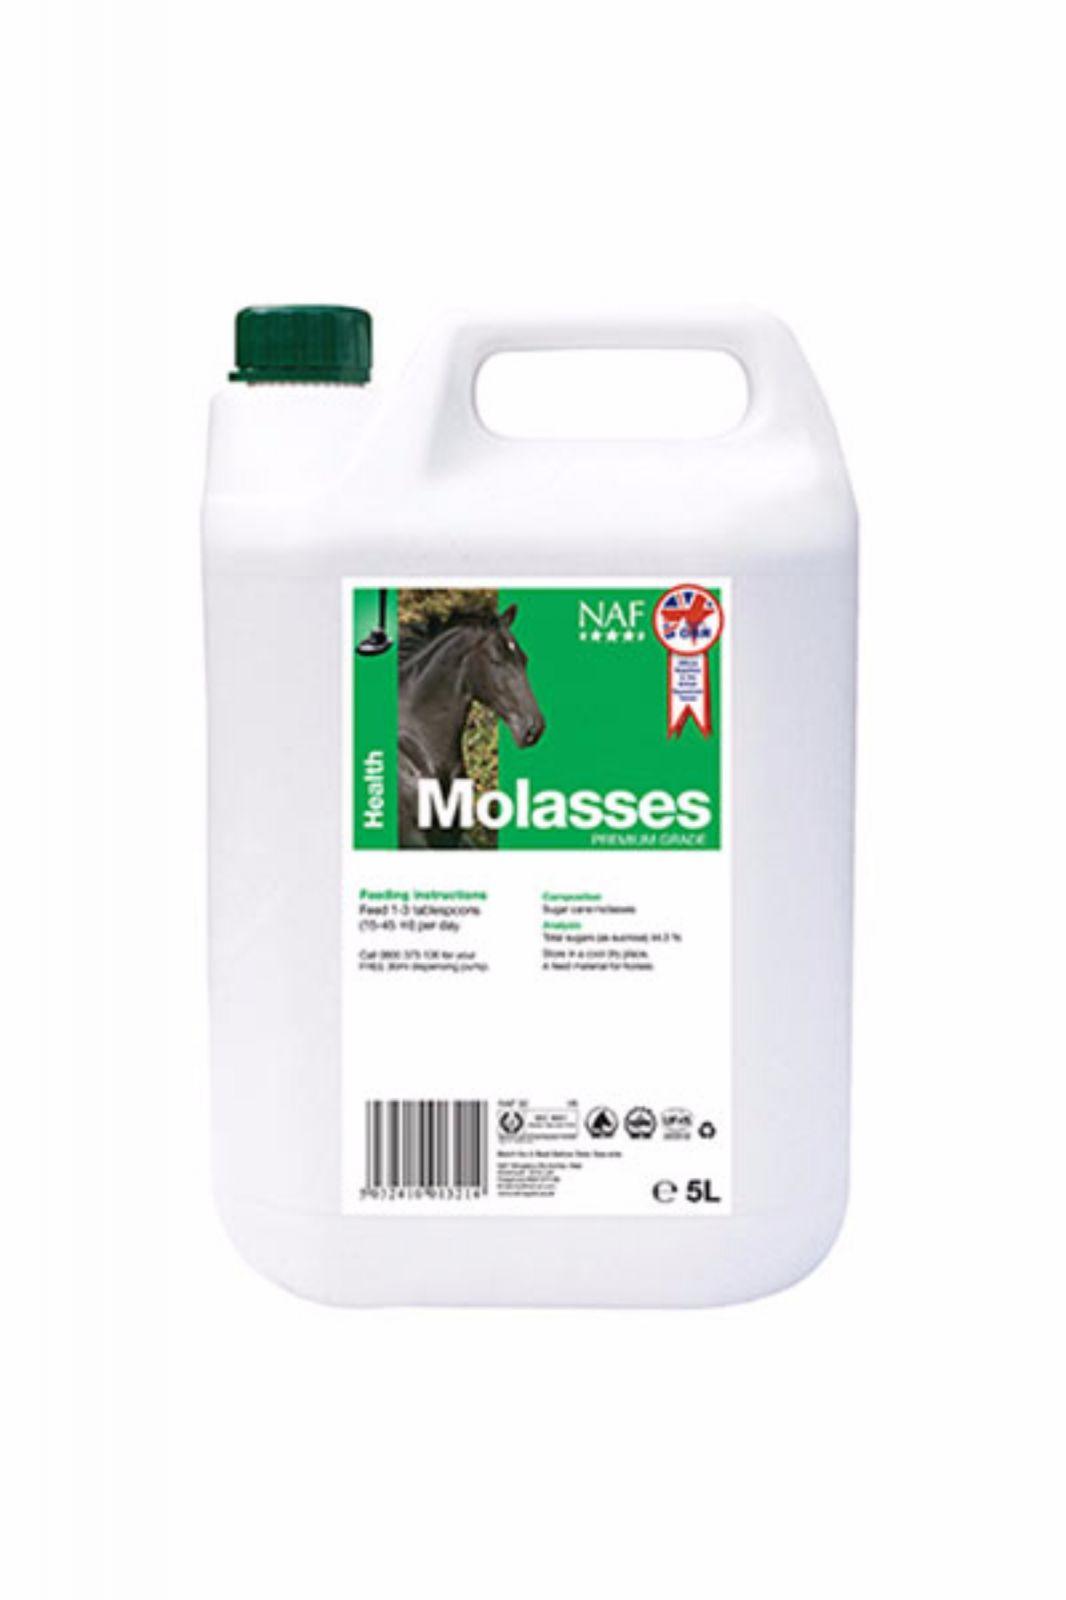 NAF Molasses 5 ltr